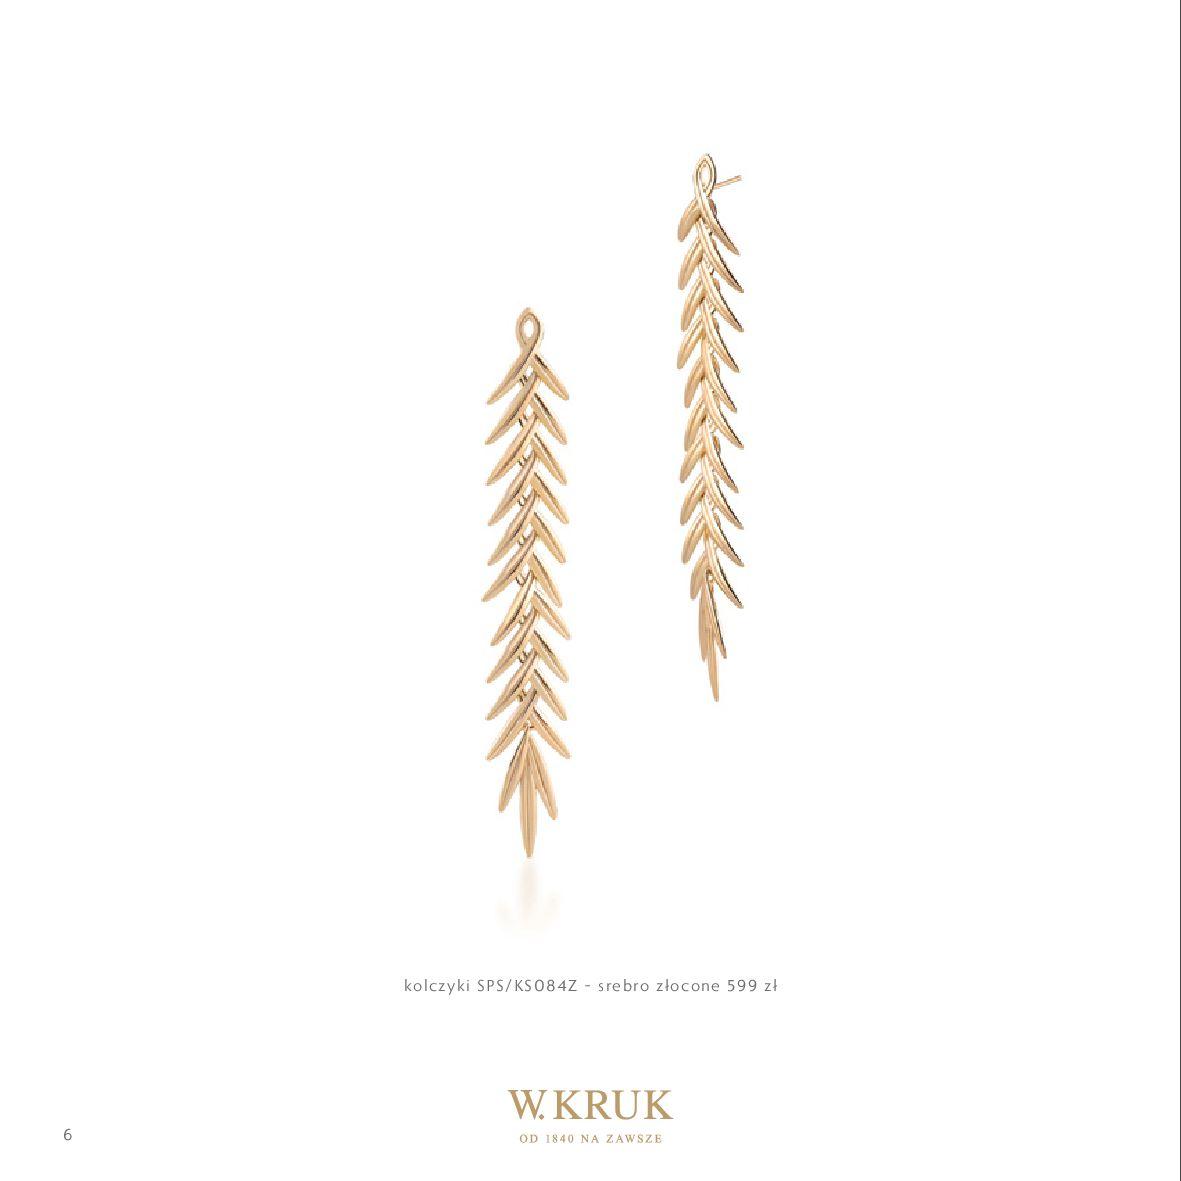 Gazetka W. KRUK: Katalog - Kolekcja Przyjaźń 2021-02-17 page-8